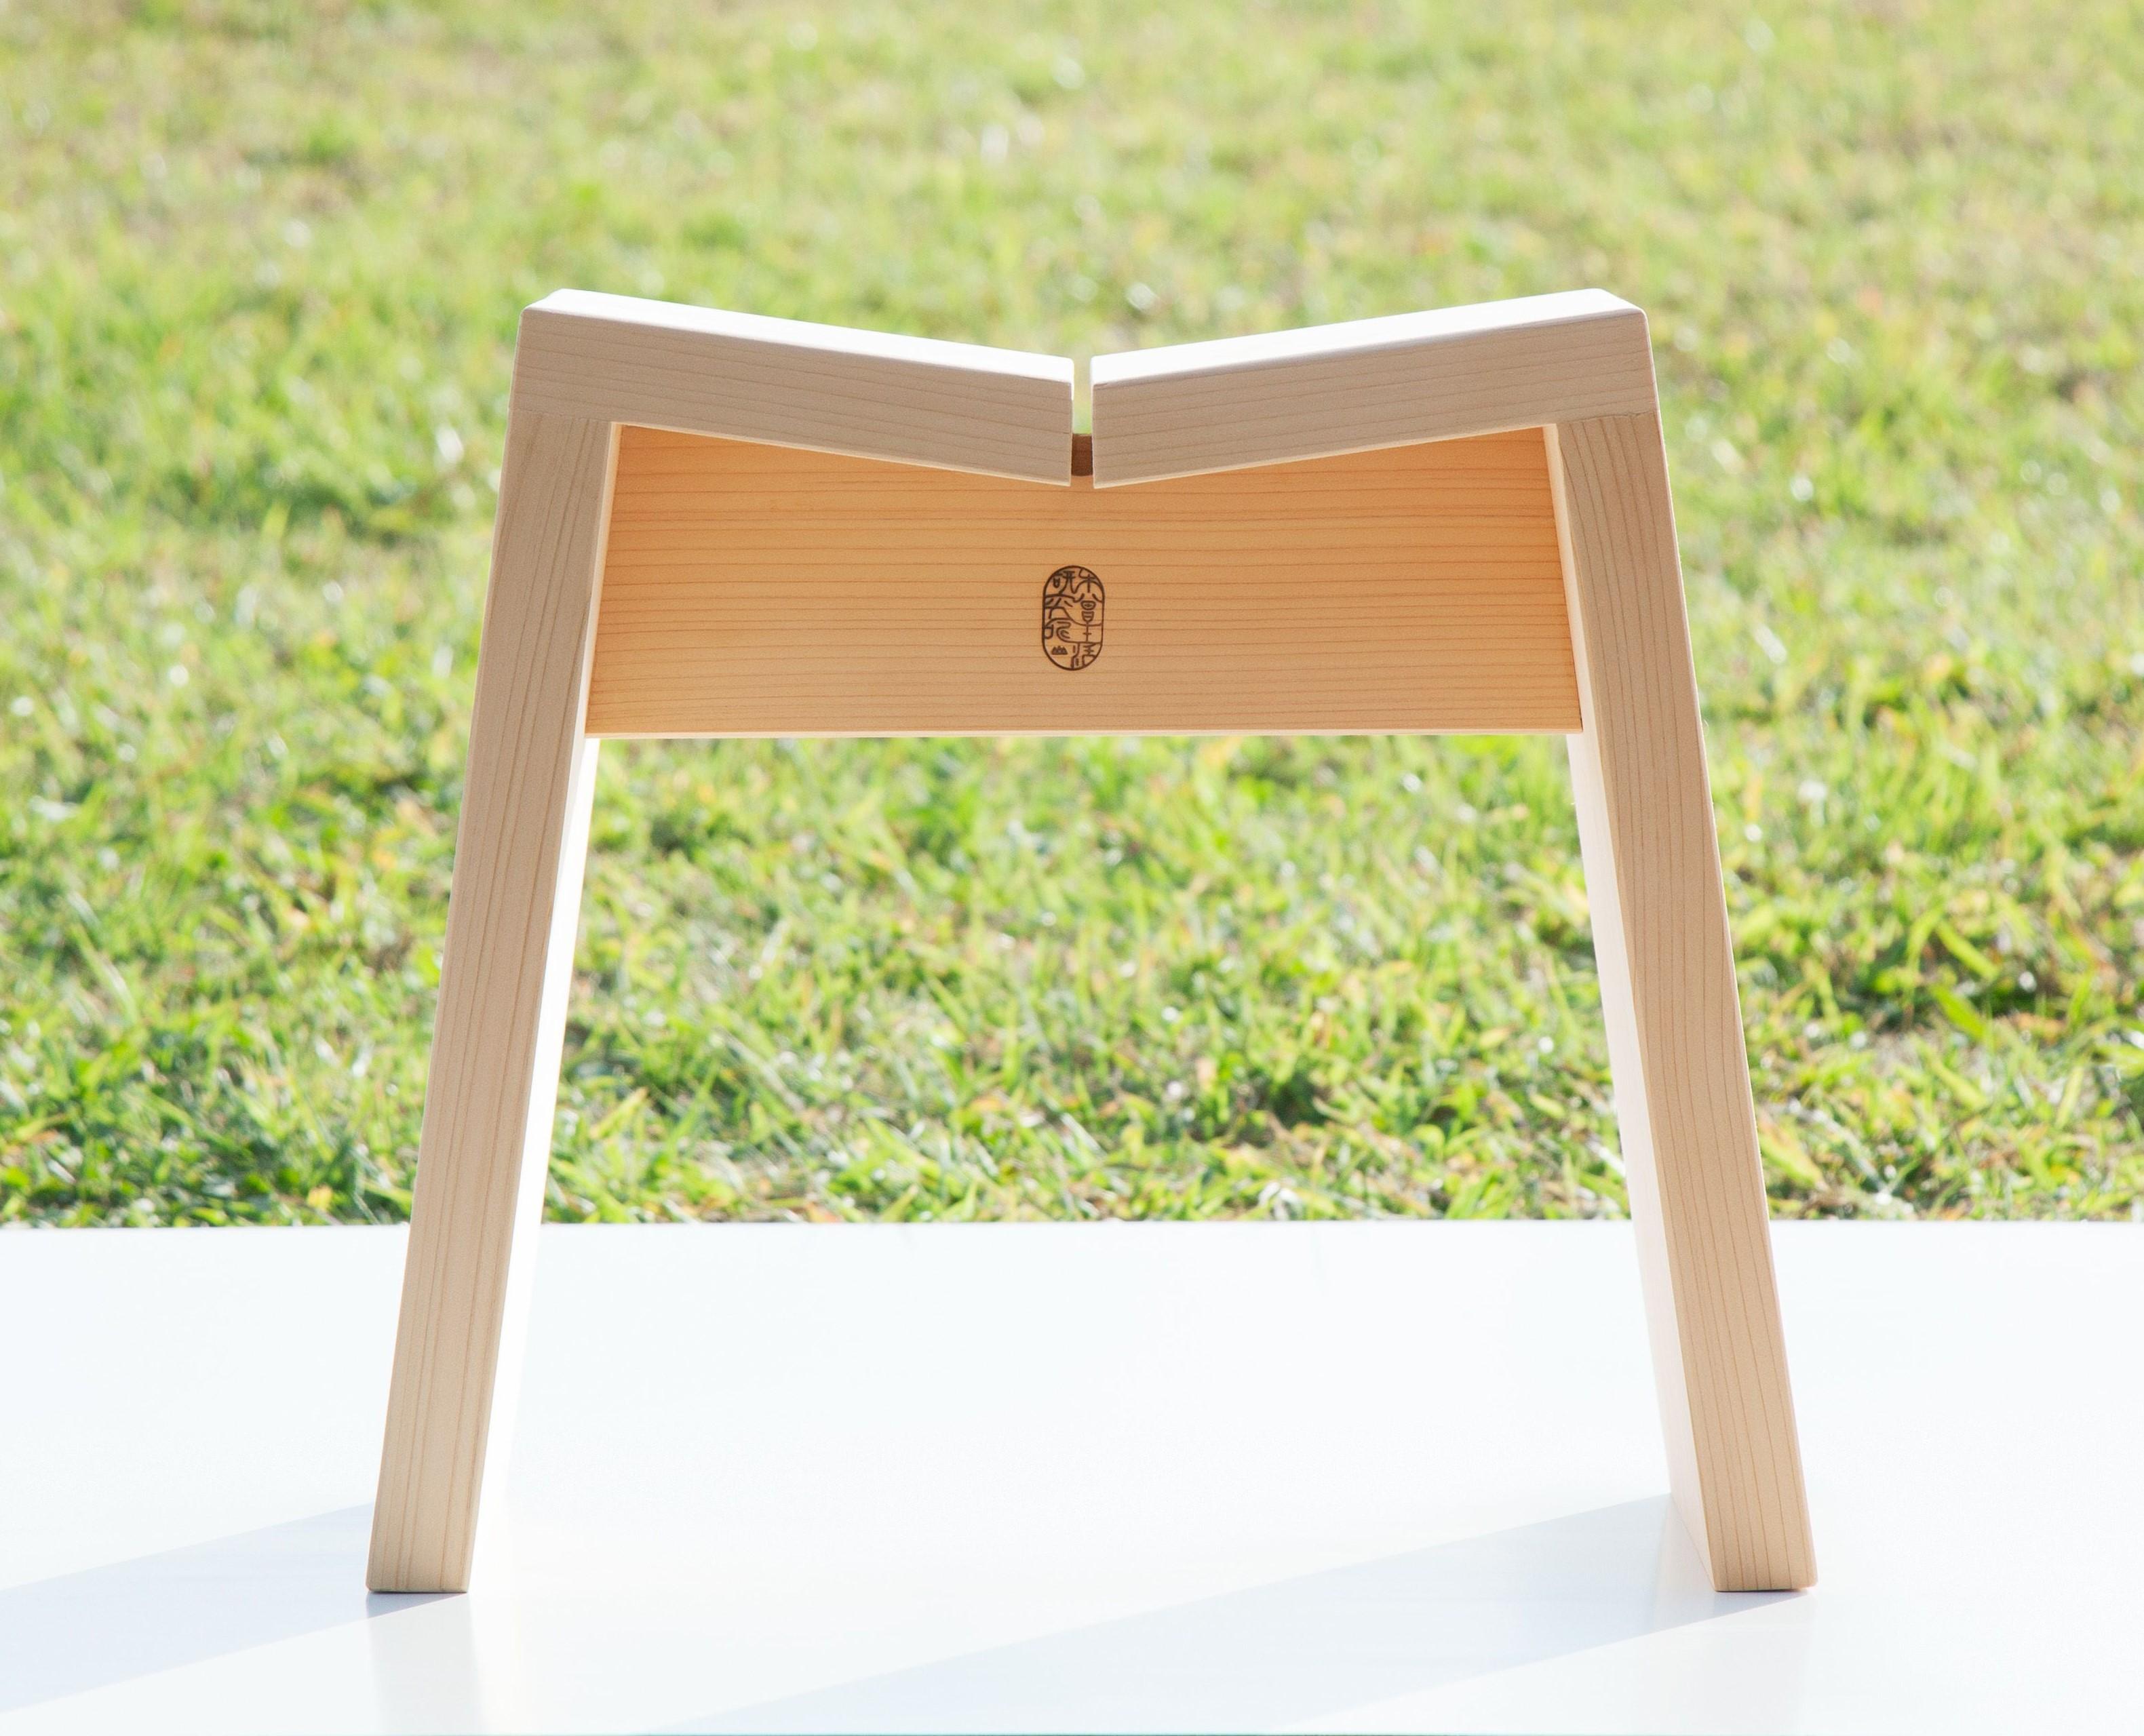 木曽生活研究所 木曽のサワラでつくった風呂椅子